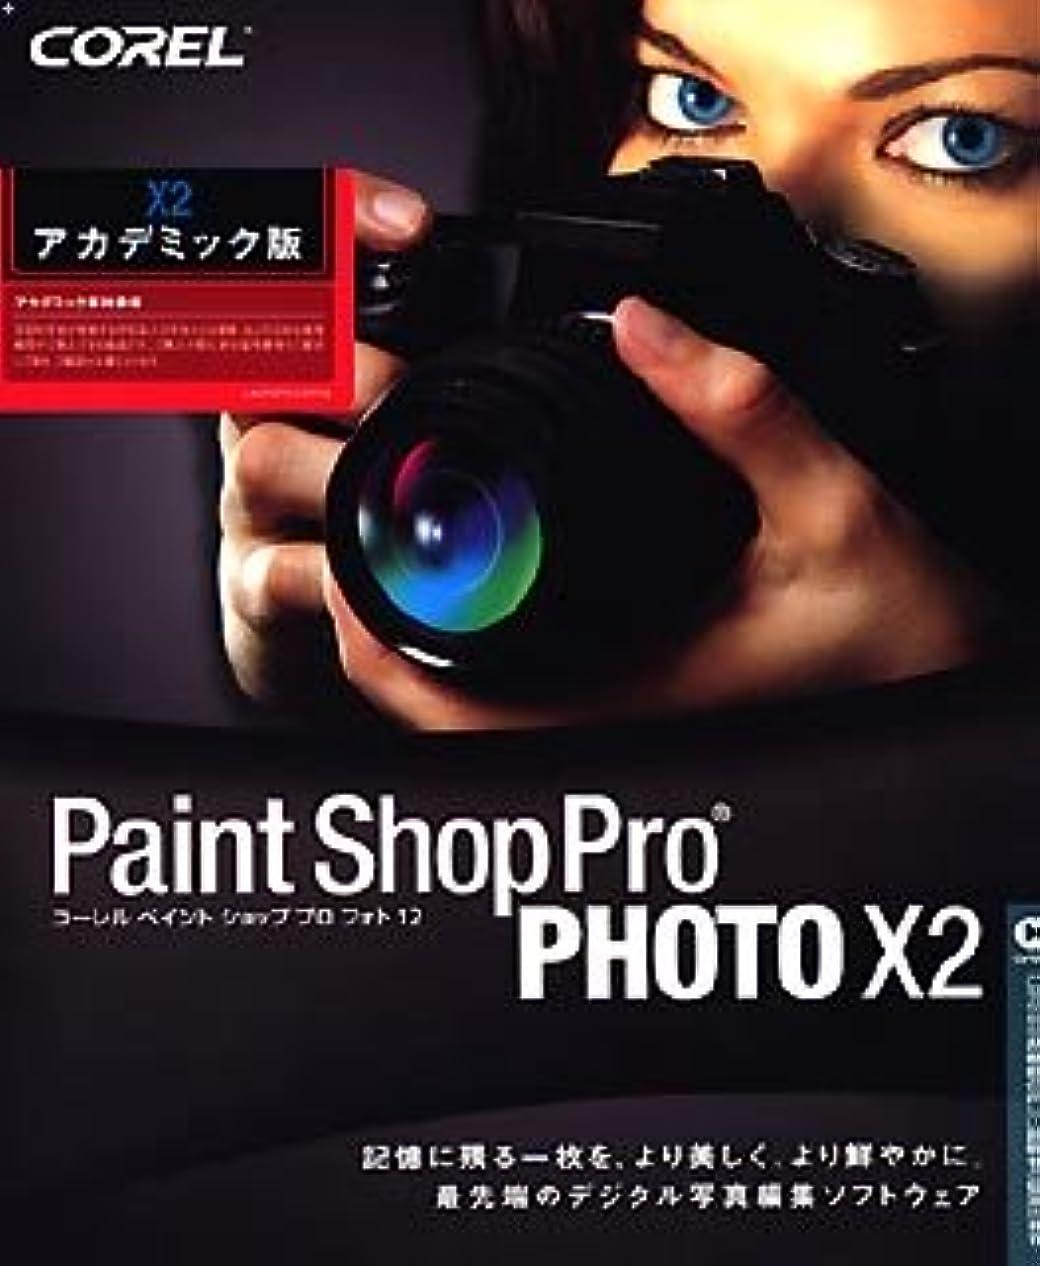 悲しいことにマーケティング変動するCorel Paint Shop Pro Photo X2 日本語版 アカデミック版